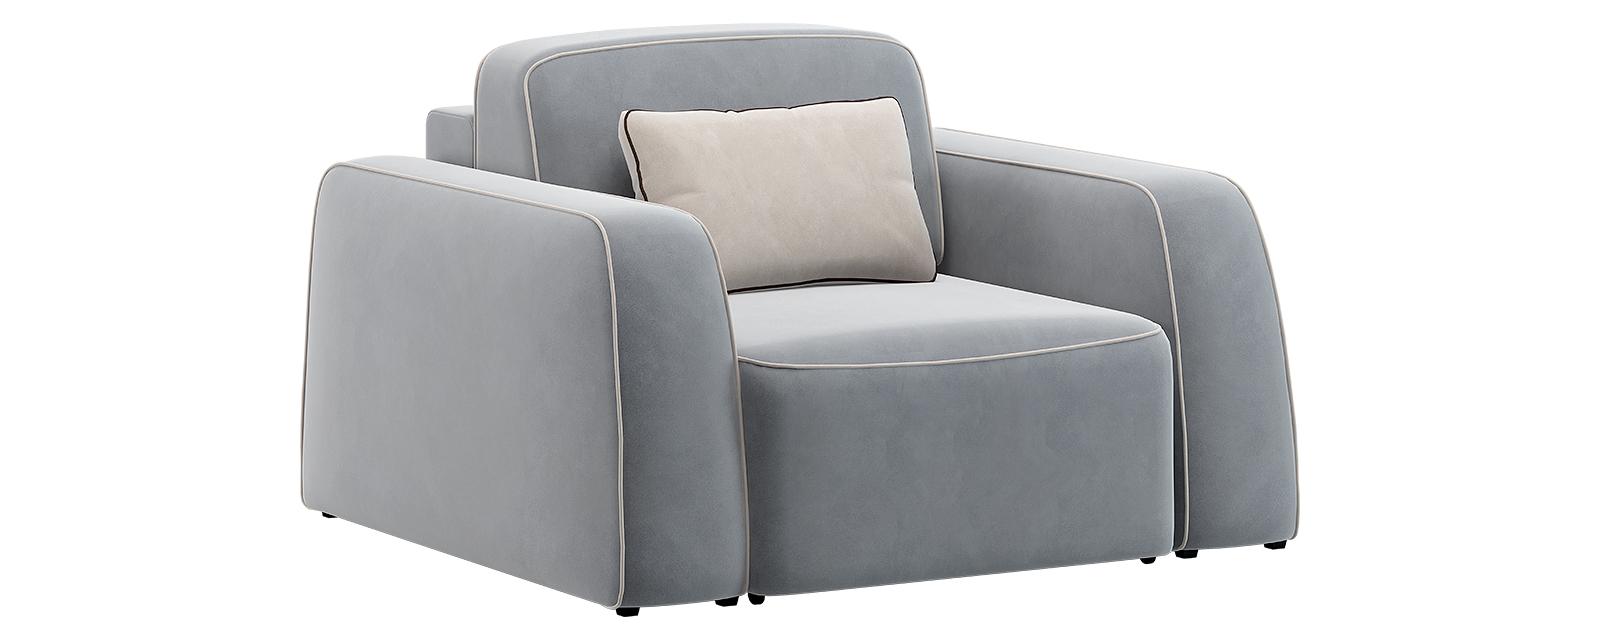 Кресло тканевое Портленд 80 см Velutto серый/бежевый (Велюр)